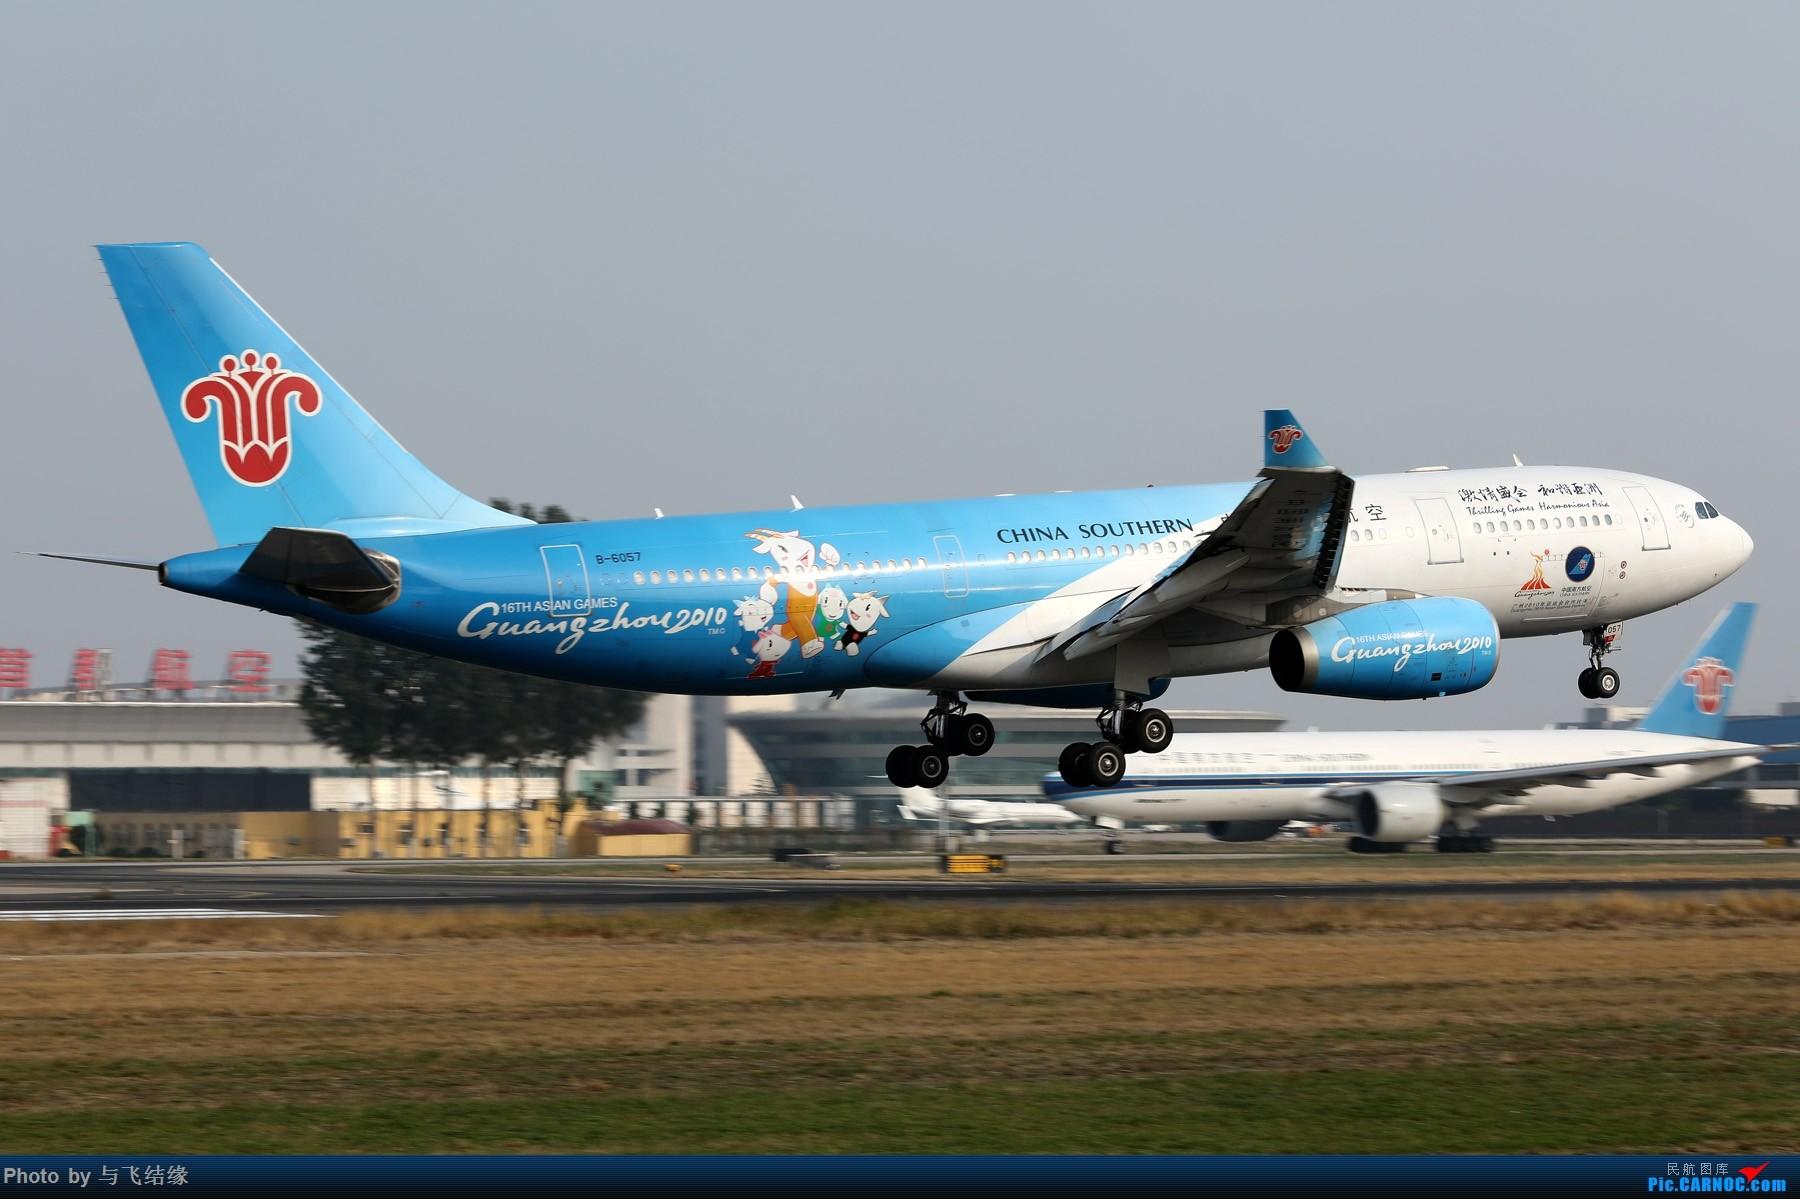 >>[原创]南航airbus a330-200,b-6057的这身衣服终于换了在看看,永远图片